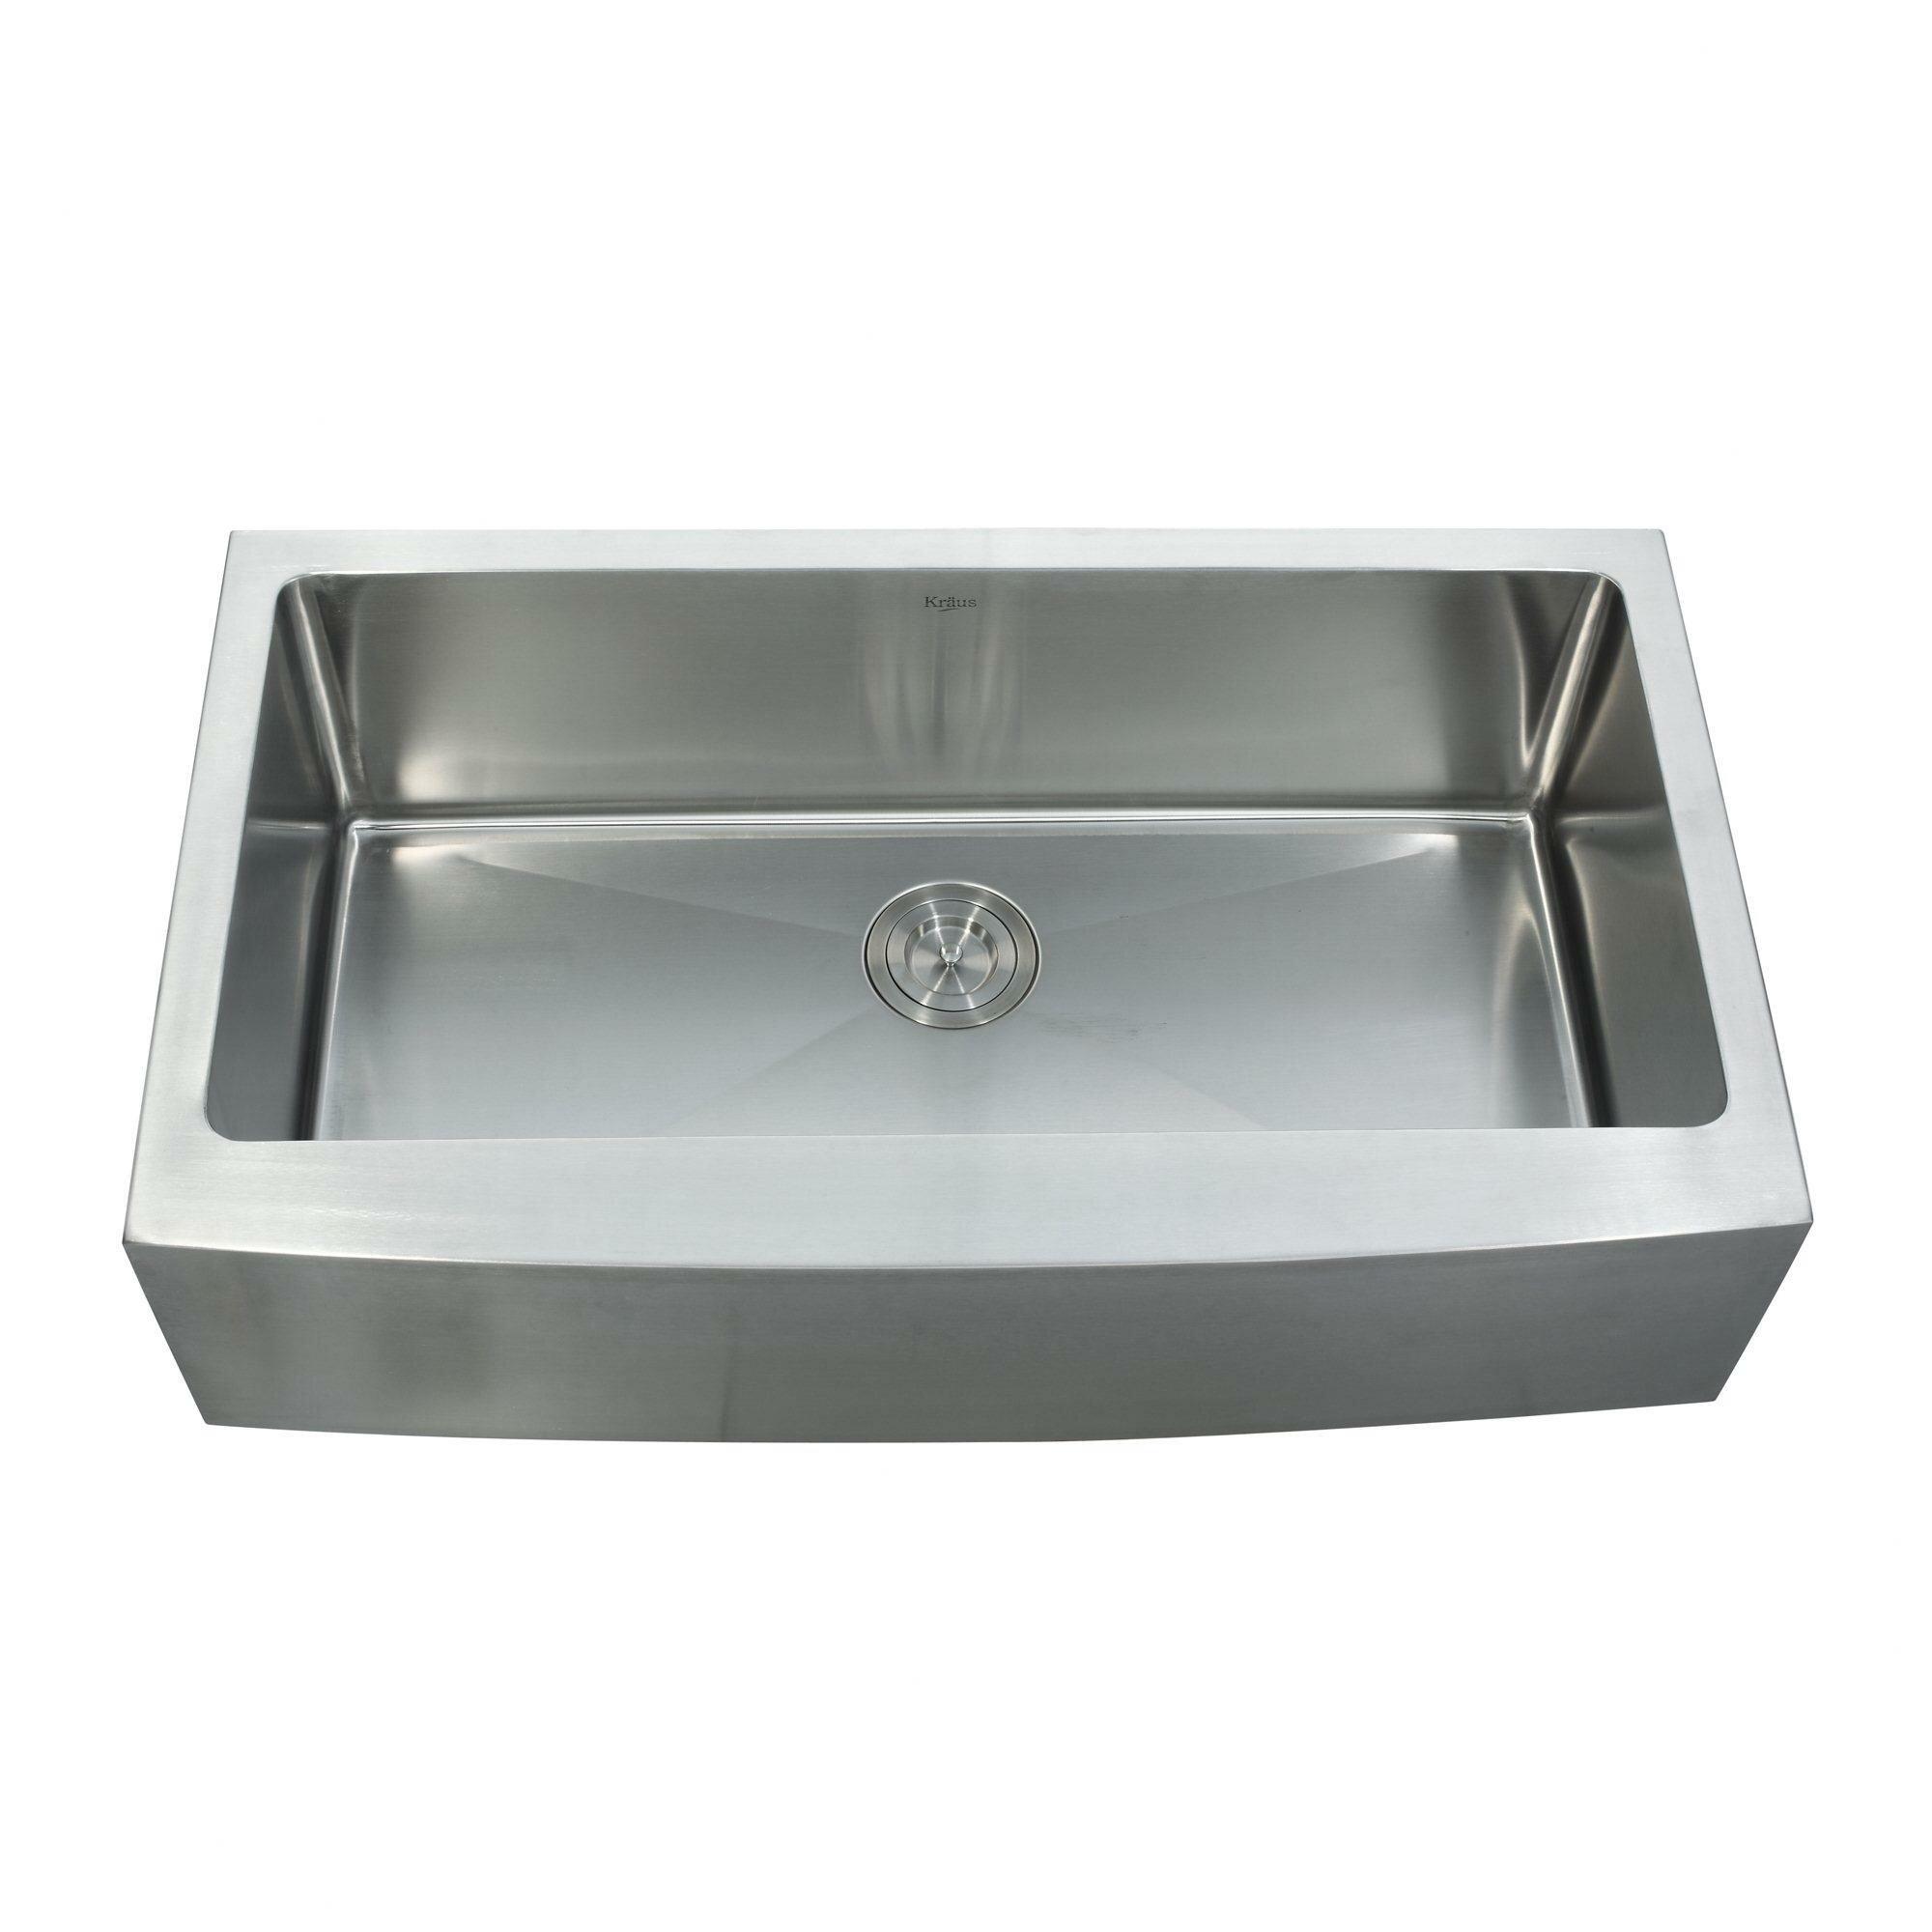 Kraus 35 88 Quot X 20 75 Quot Farmhouse Kitchen Sink With Faucet